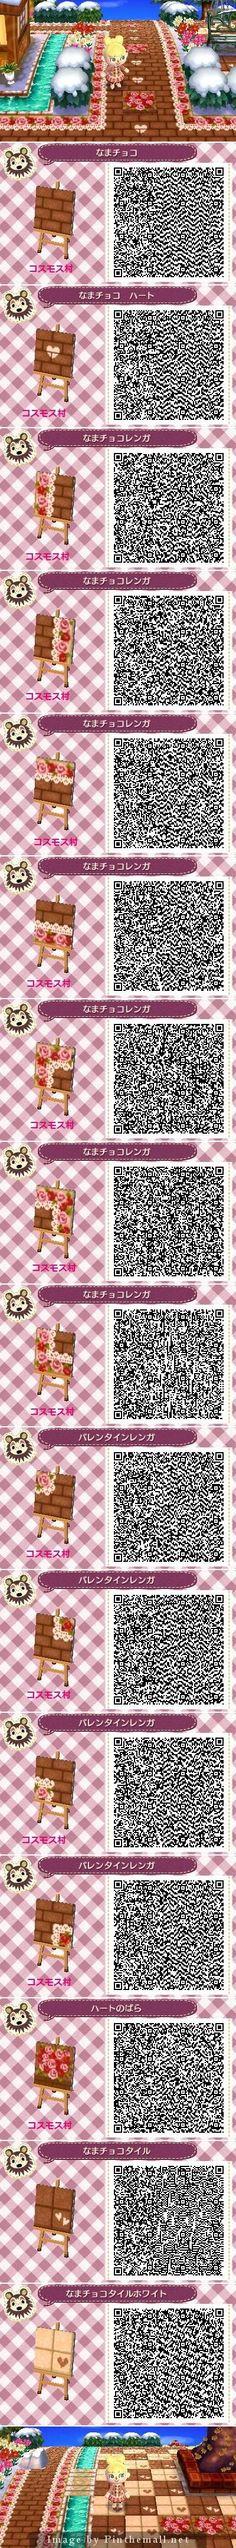 Animal Crossing QR Code - Floor/Paths - Boden/Wege